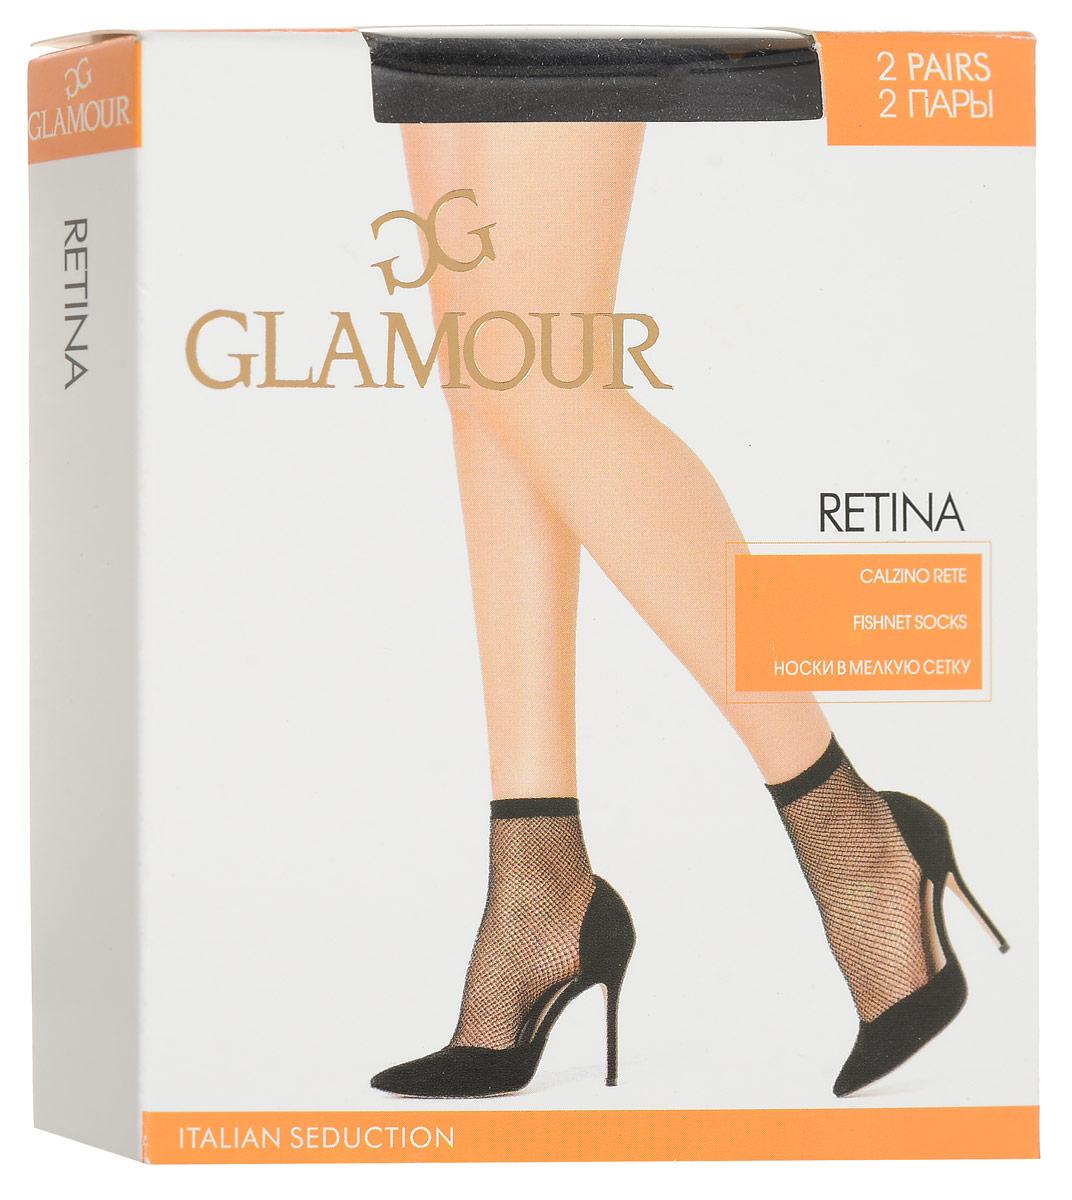 Носки женские Glamour Retina, цвет: Nero (черный), 2 пары. 25823. Размер универсальныйRetinaУдобные женские носки Glamour Retina, изготовленные из высококачественного эластичного полиамида, идеально подойдут для повседневной носки. Входящий в состав материала полиамид обеспечивает износостойкость, а эластан позволяет носочкам легко тянуться, что делает их комфортными в носке.Эластичная резинка плотно облегает ногу, не сдавливая ее, обеспечивая комфорт и удобство и не препятствуя кровообращению. Практичные и комфортные носки в мелкую сетку великолепно подойдут к любой открытой обуви. В комплект входят 2 пары носков.